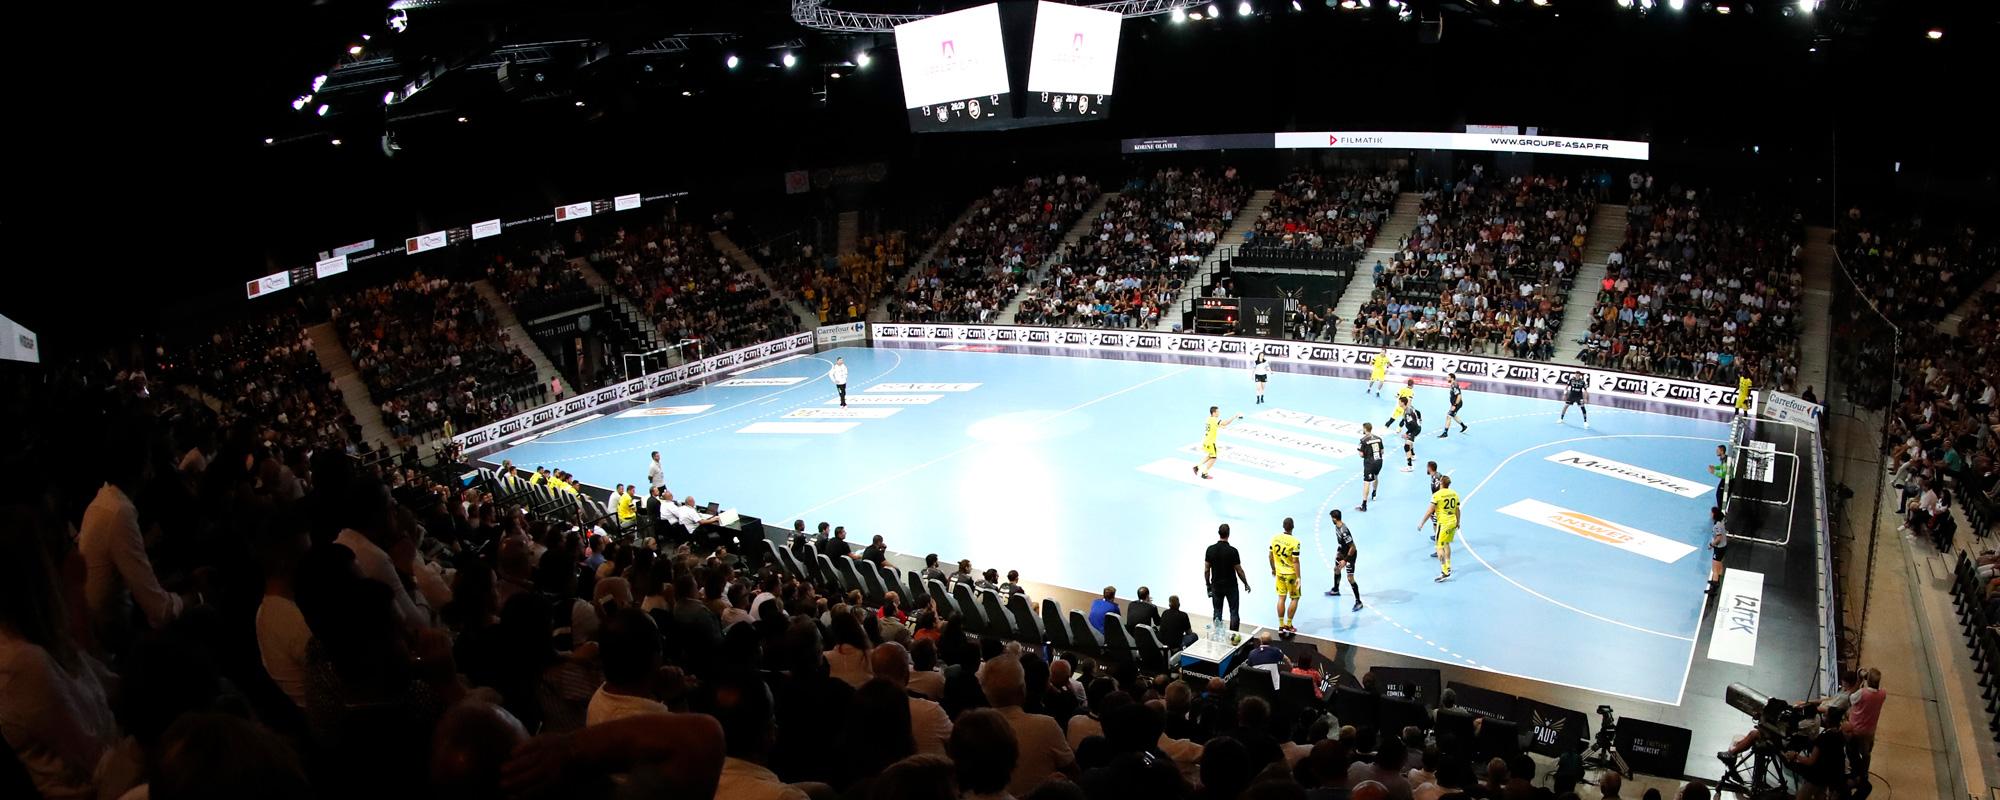 L'Arena du Pays d'Aix peut accueillir jusqu'à 6000 spectateurs.